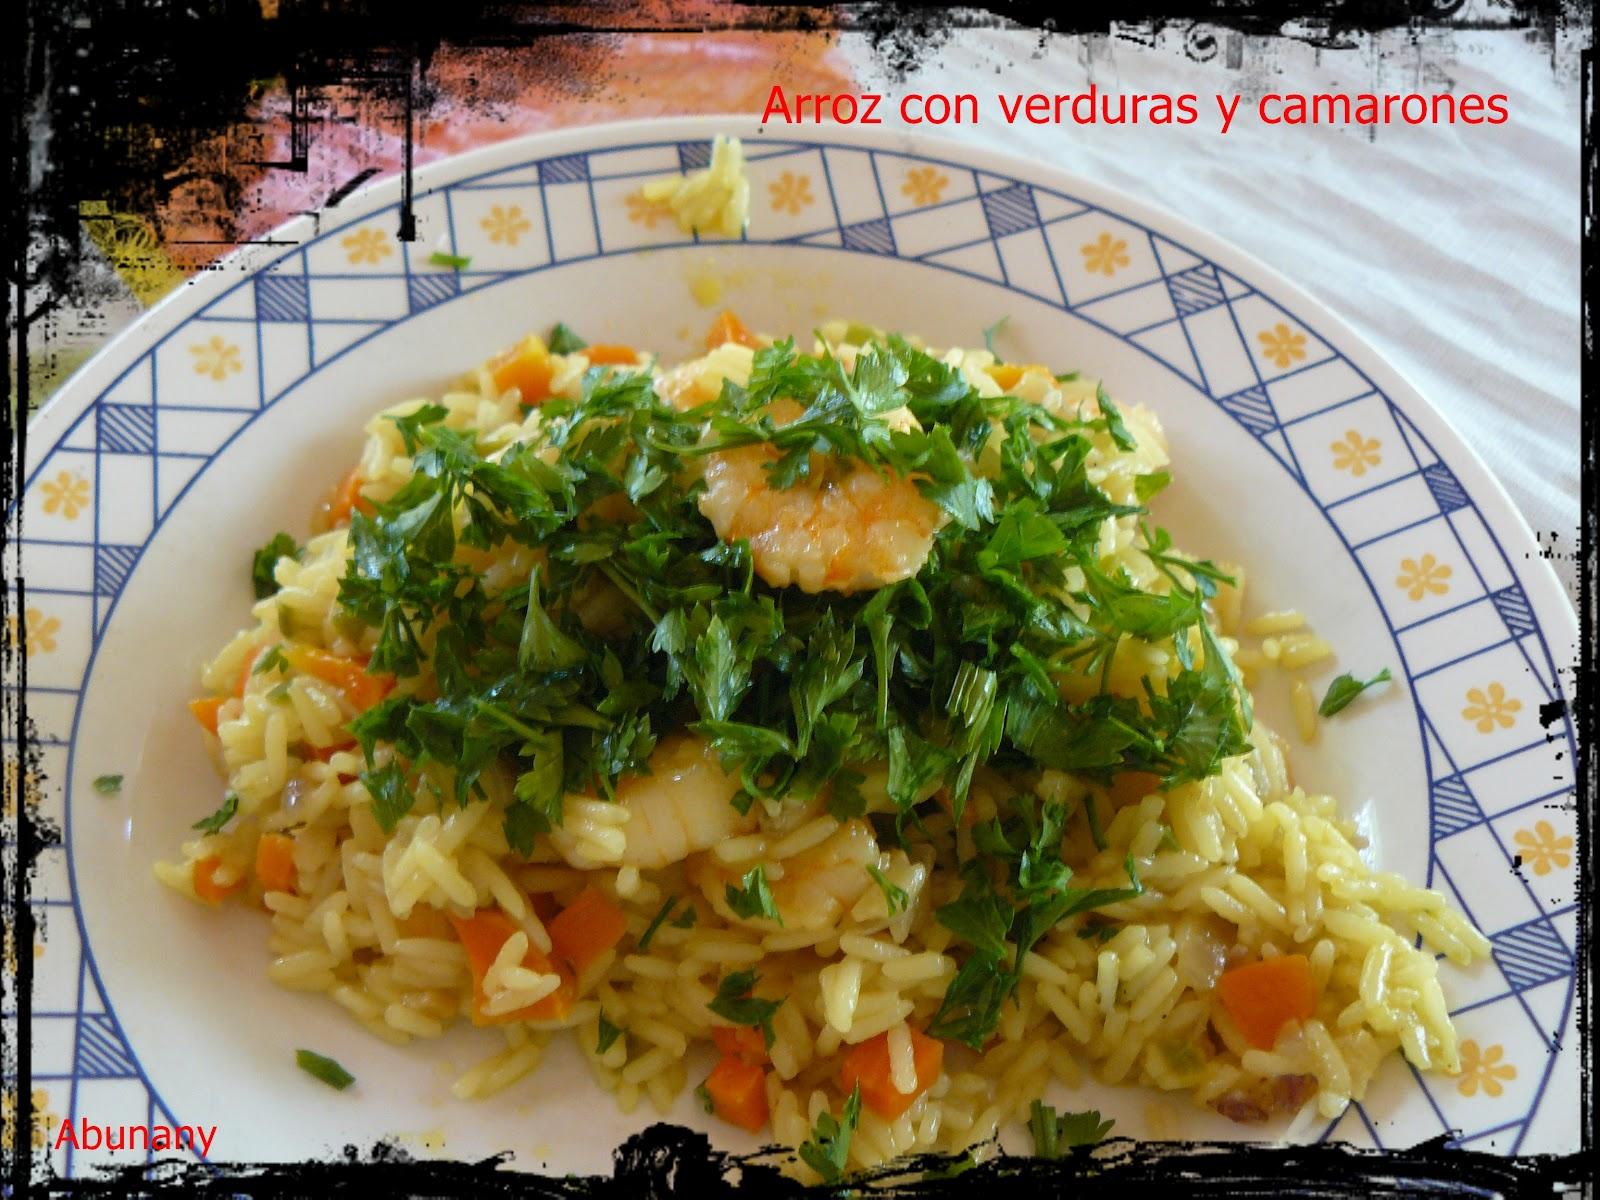 Recetas Con Camarones Con Verduras Arroz Con Verduras y Camarones